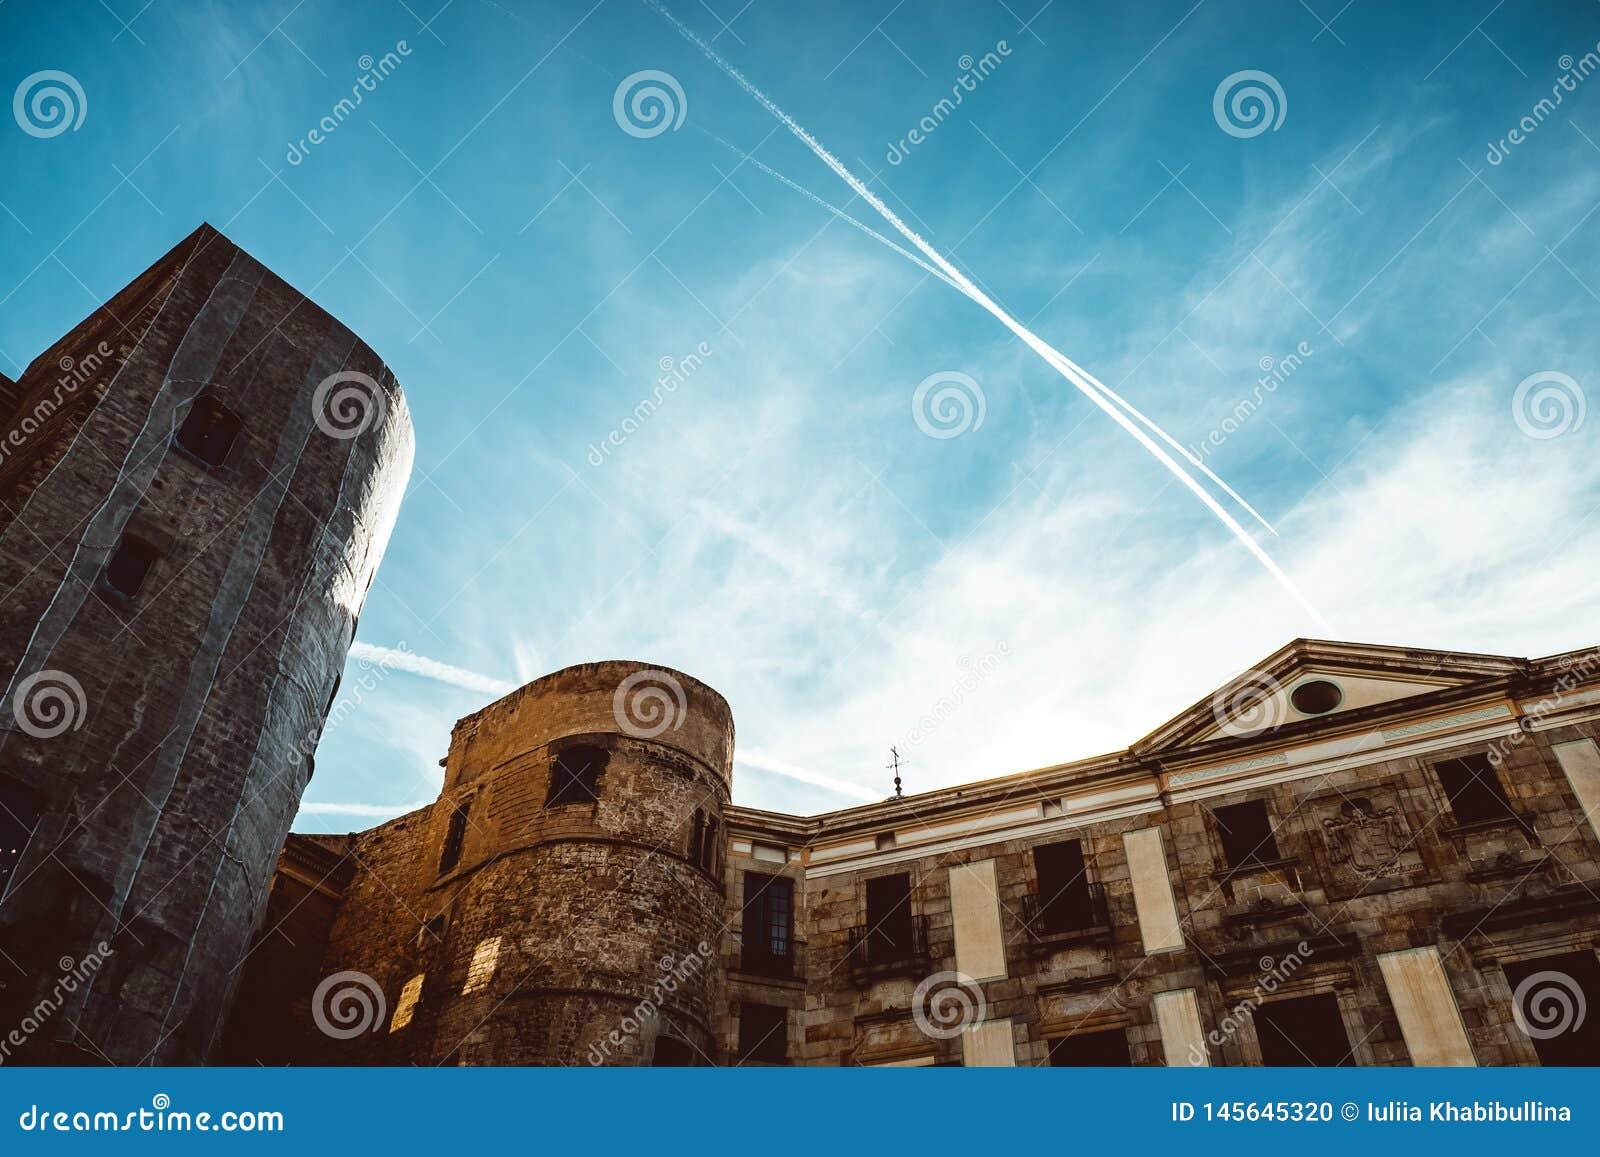 Iglesia vieja en el cuarto g?tico de Barcelona Tambi?n se llama como Barri Gotic